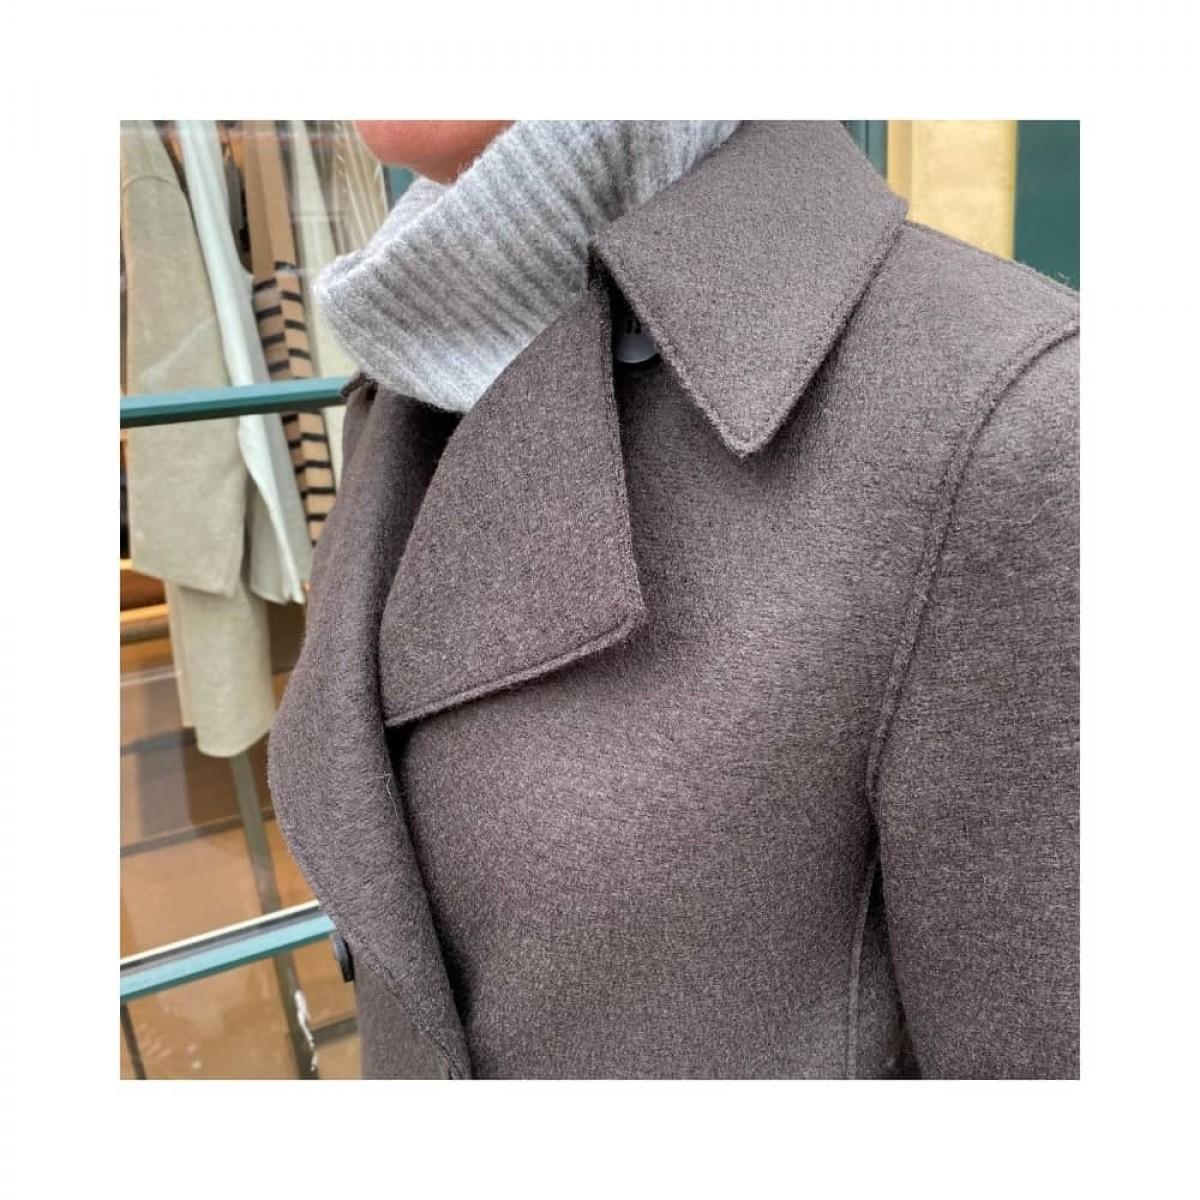 peacoat pressed wool jacket - dark brown - krave